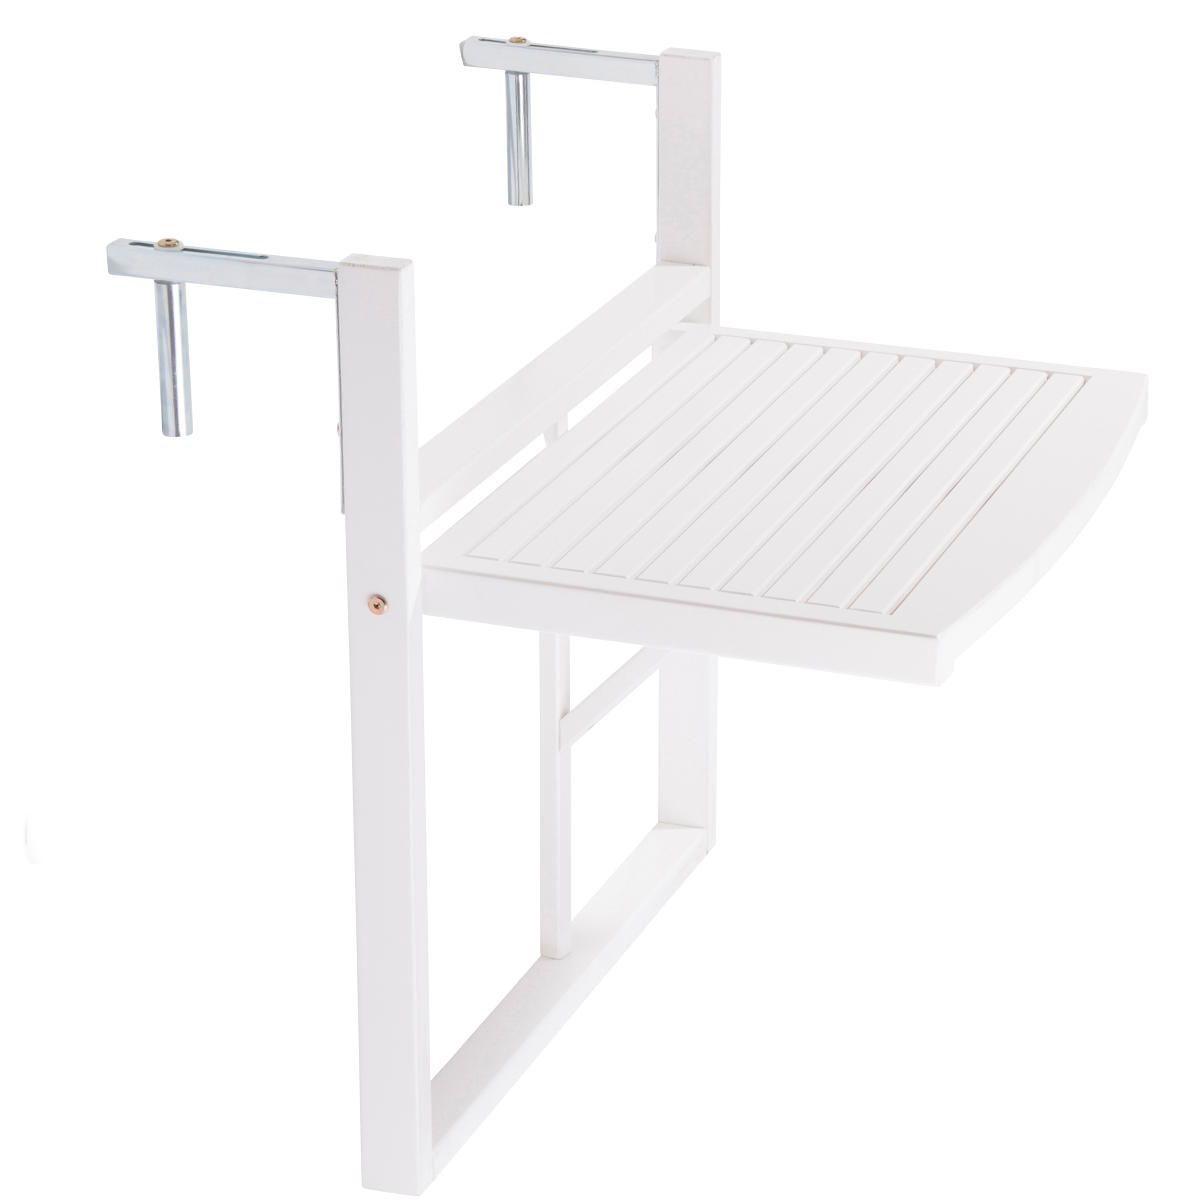 Balkonklapptisch weiss  LODGE Balkon-Klapptisch | Klapptisch, Klapptisch weiß und Brüstung